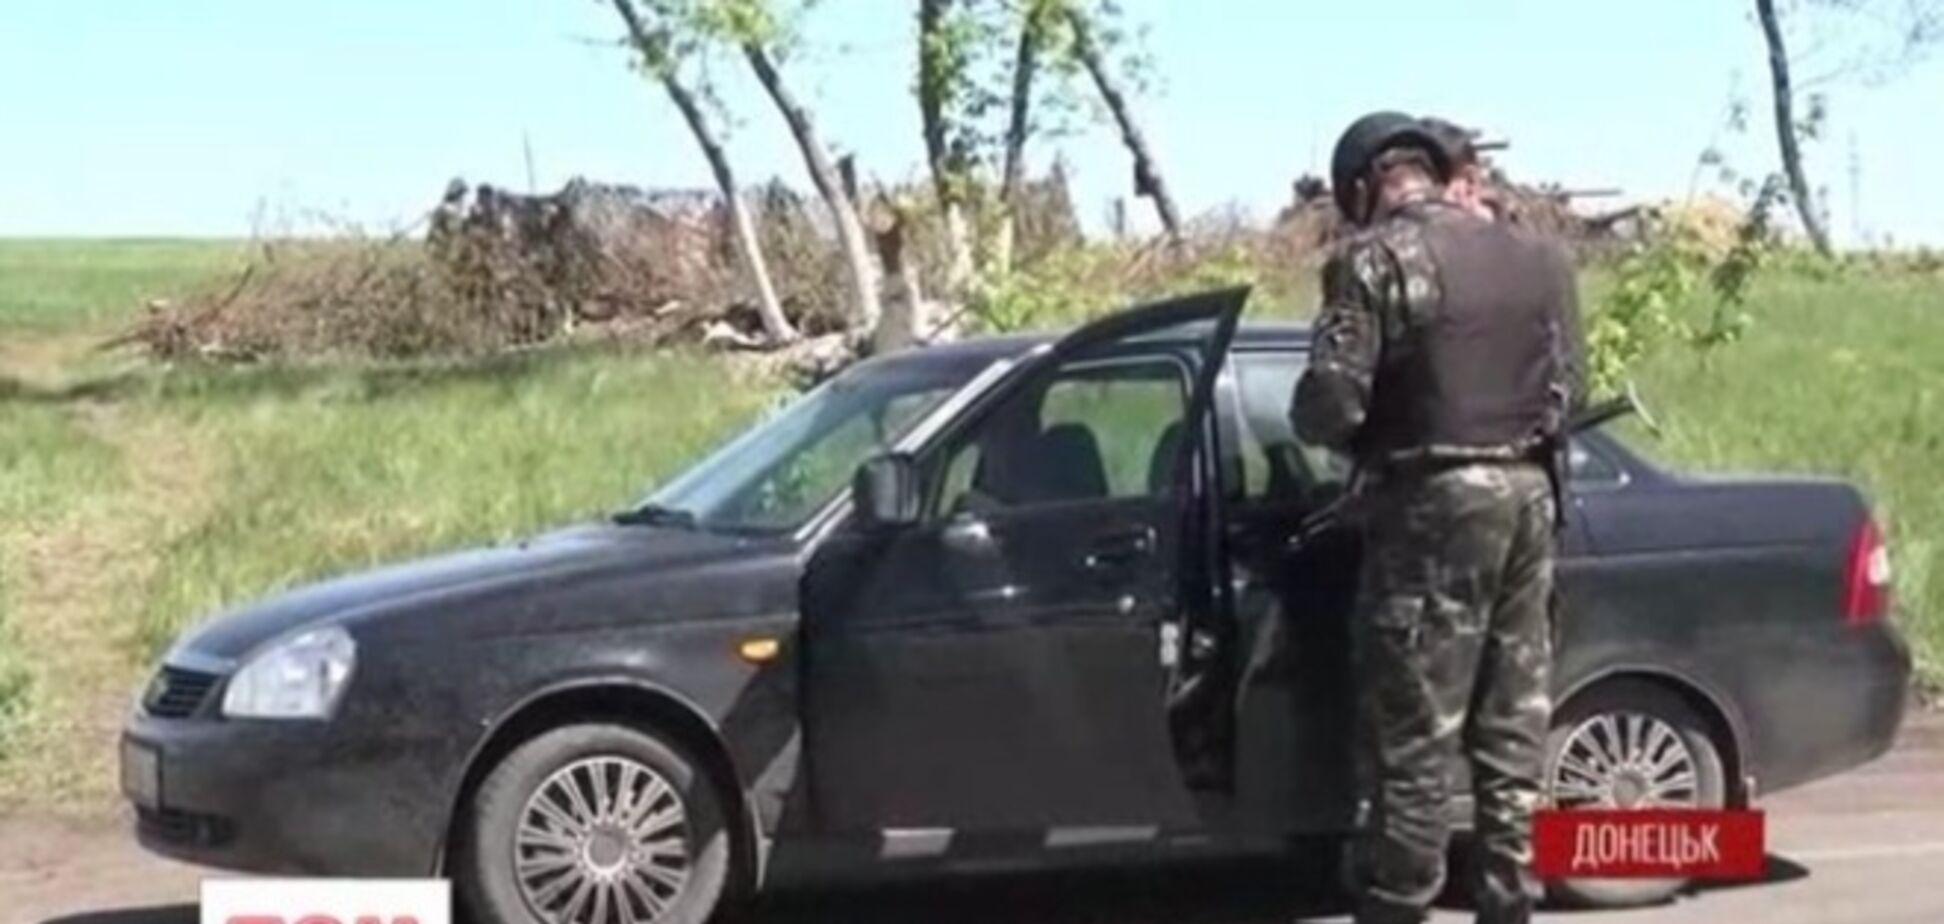 Только за последнюю неделю Донецк покинули 15 тысяч человек – СМИ